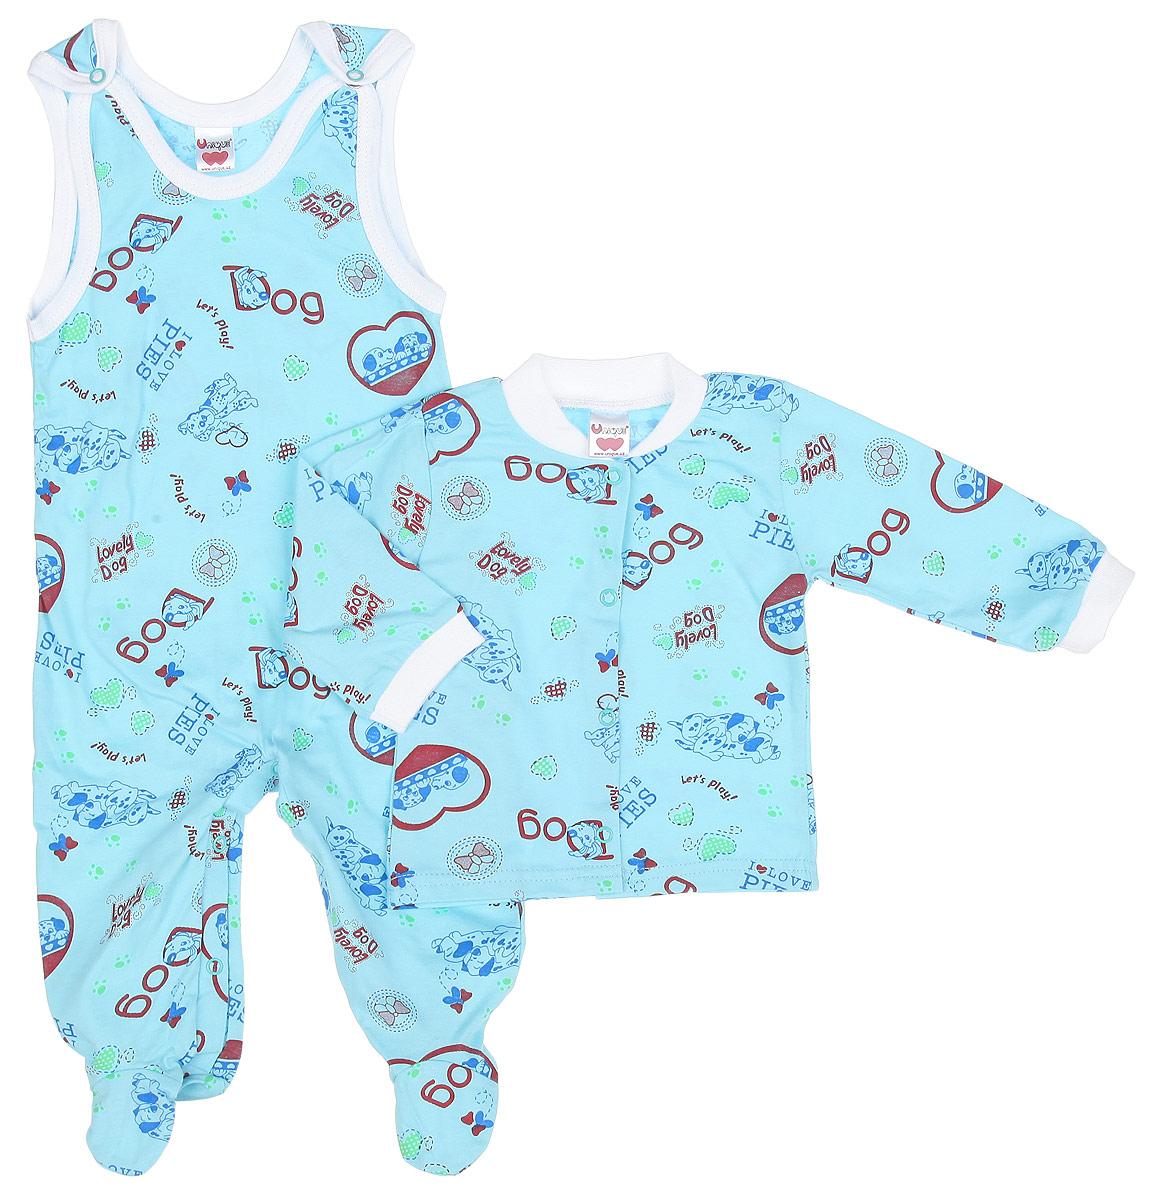 U0151-28Детский комплект одежды Unigue станет отличным дополнением к гардеробу ребенка. Он включает в себя кофточку и ползунки с грудкой. Комплект, изготовленный из натурального хлопка, легкий, мягкий, не раздражает нежную кожу ребенка и хорошо вентилируется, обеспечивая комфорт. Кофточка с небольшим воротником-стойкой и длинными рукавами застегивается спереди на металлические кнопки, что позволит легко переодеть младенца. Воротник выполнен из мягкой трикотажной резинки. Рукава дополнены эластичными манжетами, не пережимающими ручки крохи. Ползунки с закрытыми ножками застегиваются сверху на две кнопки, также имеют застежки-кнопки на ластовице, что помогает при переодевании ребенка. Вырез горловины и проймы оформлены окантовкой. Комплект украшен принтом с изображением забавных собачек и надписями. Комплект полностью соответствует особенностям жизни младенца в ранний период, не стесняя и не ограничивая его в движениях. В нем ваш ребенок всегда будет в...